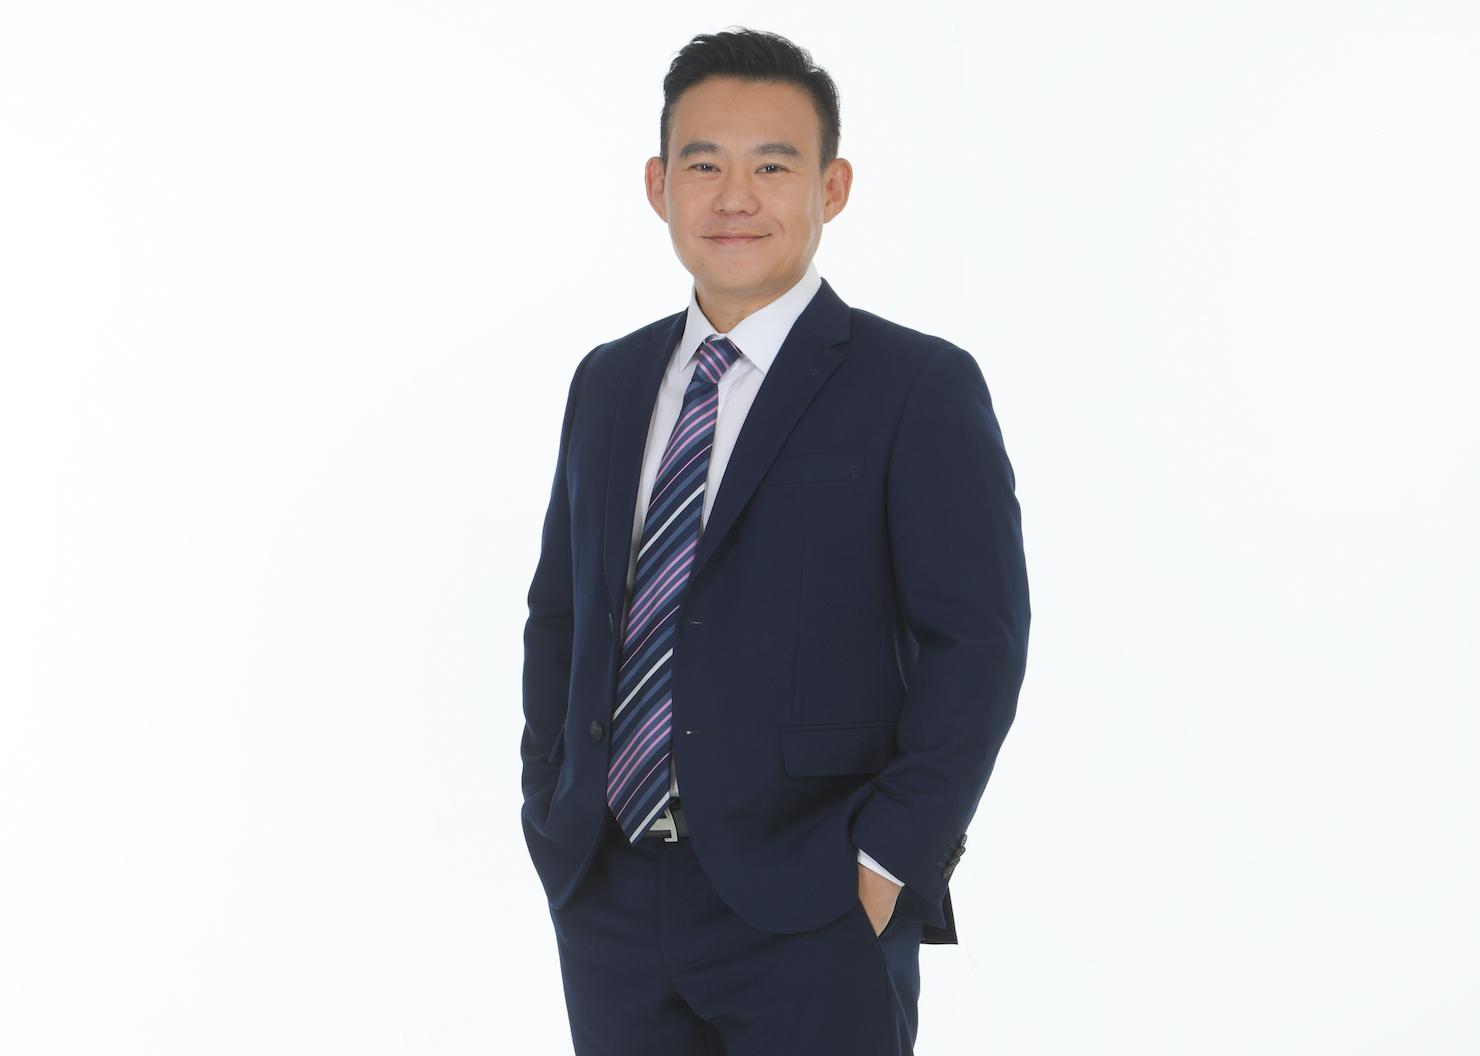 http://www.trisilco.com/wp-content/uploads/2021/08/Melvin-Lim-01-2.jpg